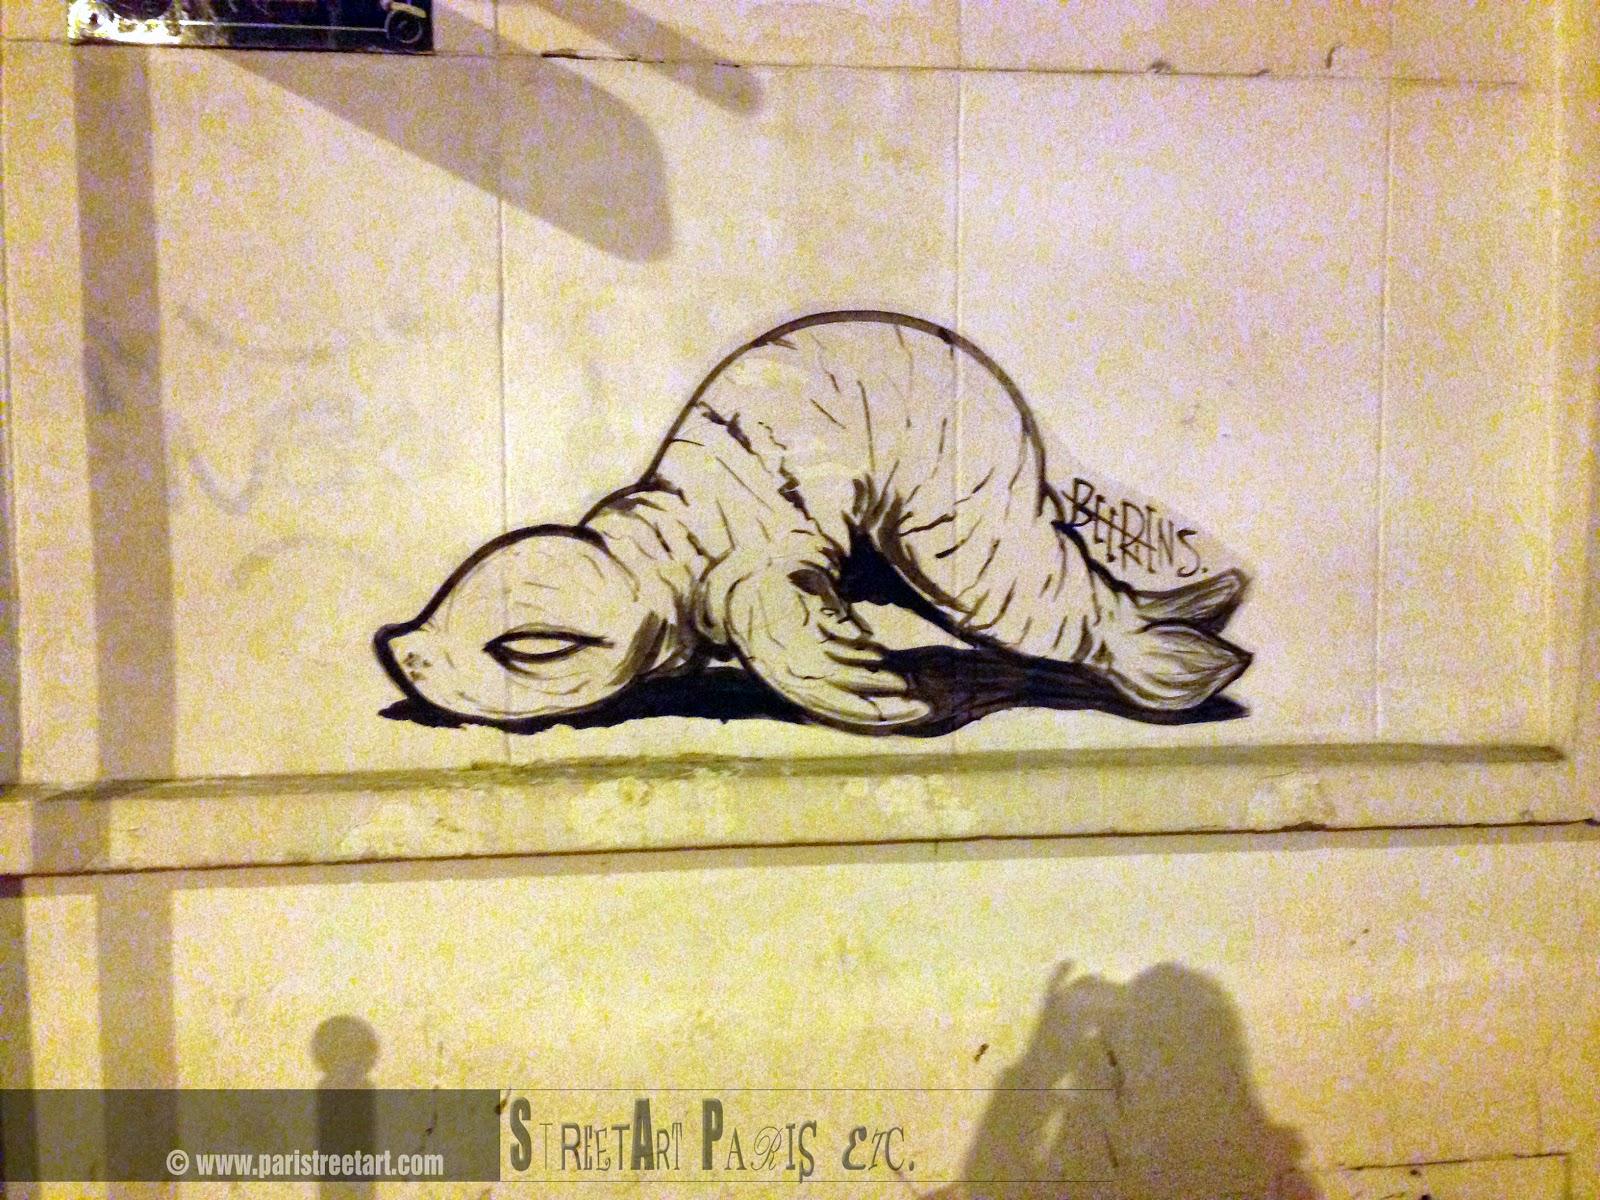 Street Art Paris etc.: April 2014